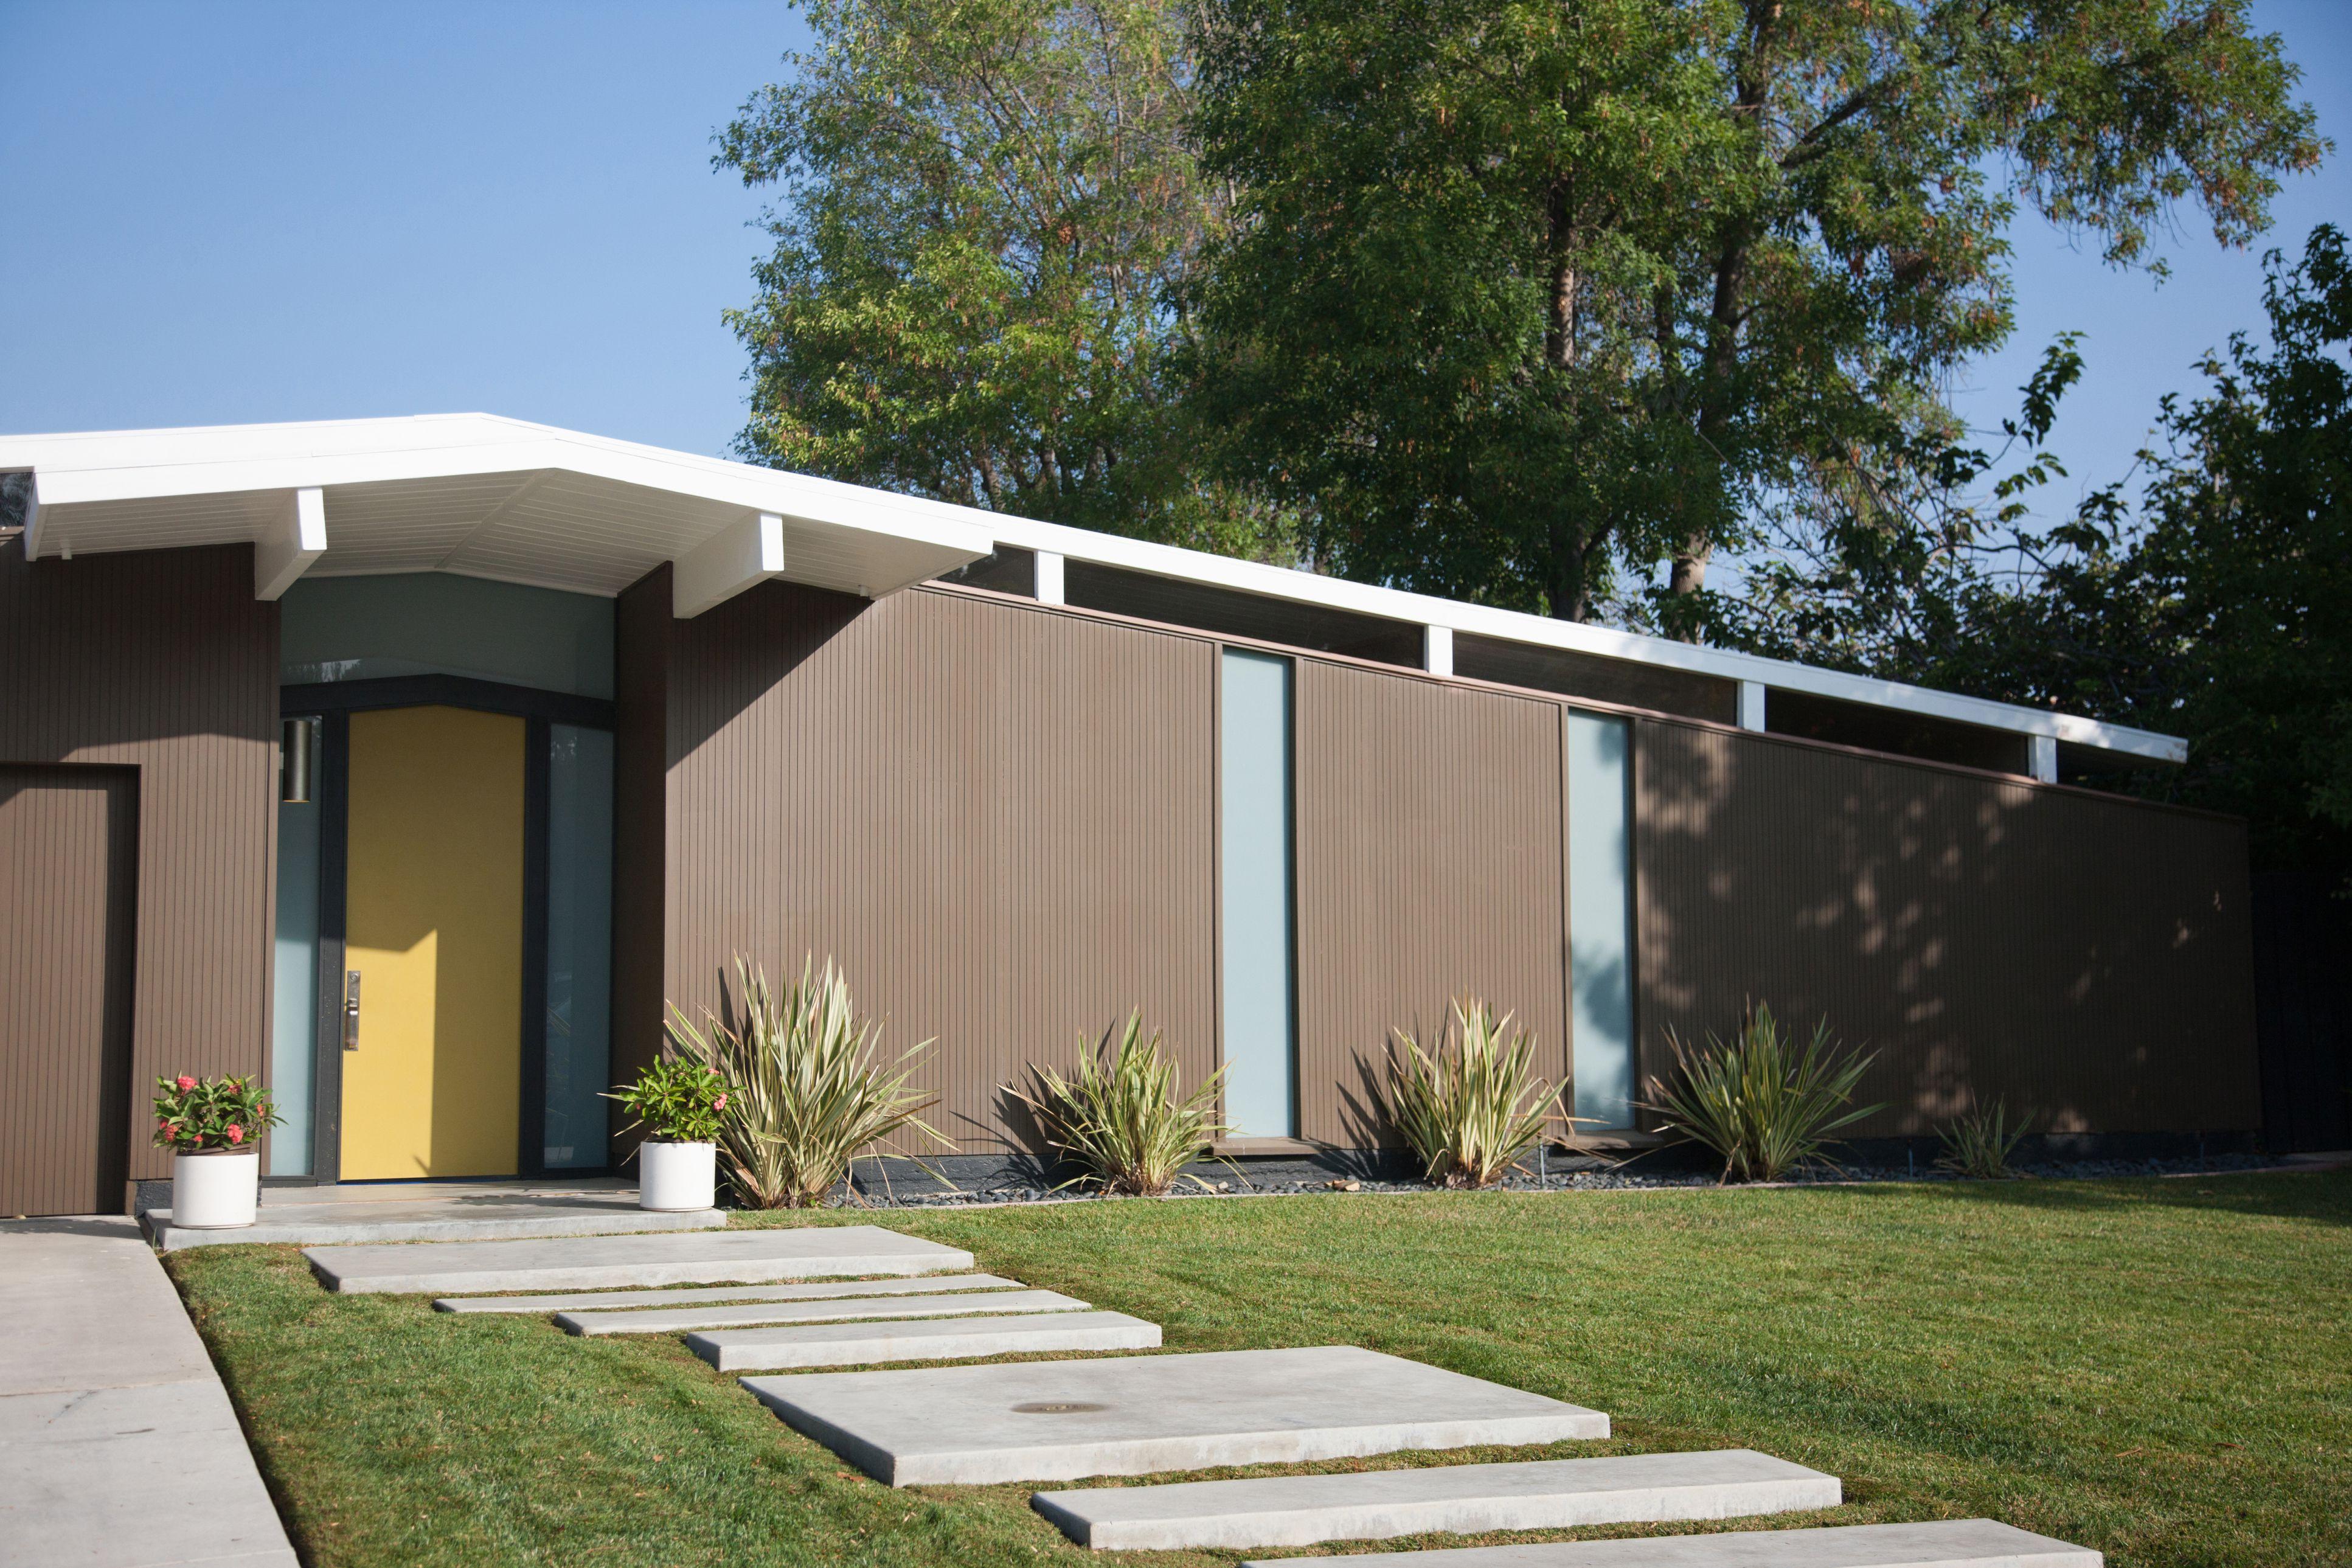 Una casa Eichler con una puerta amarilla